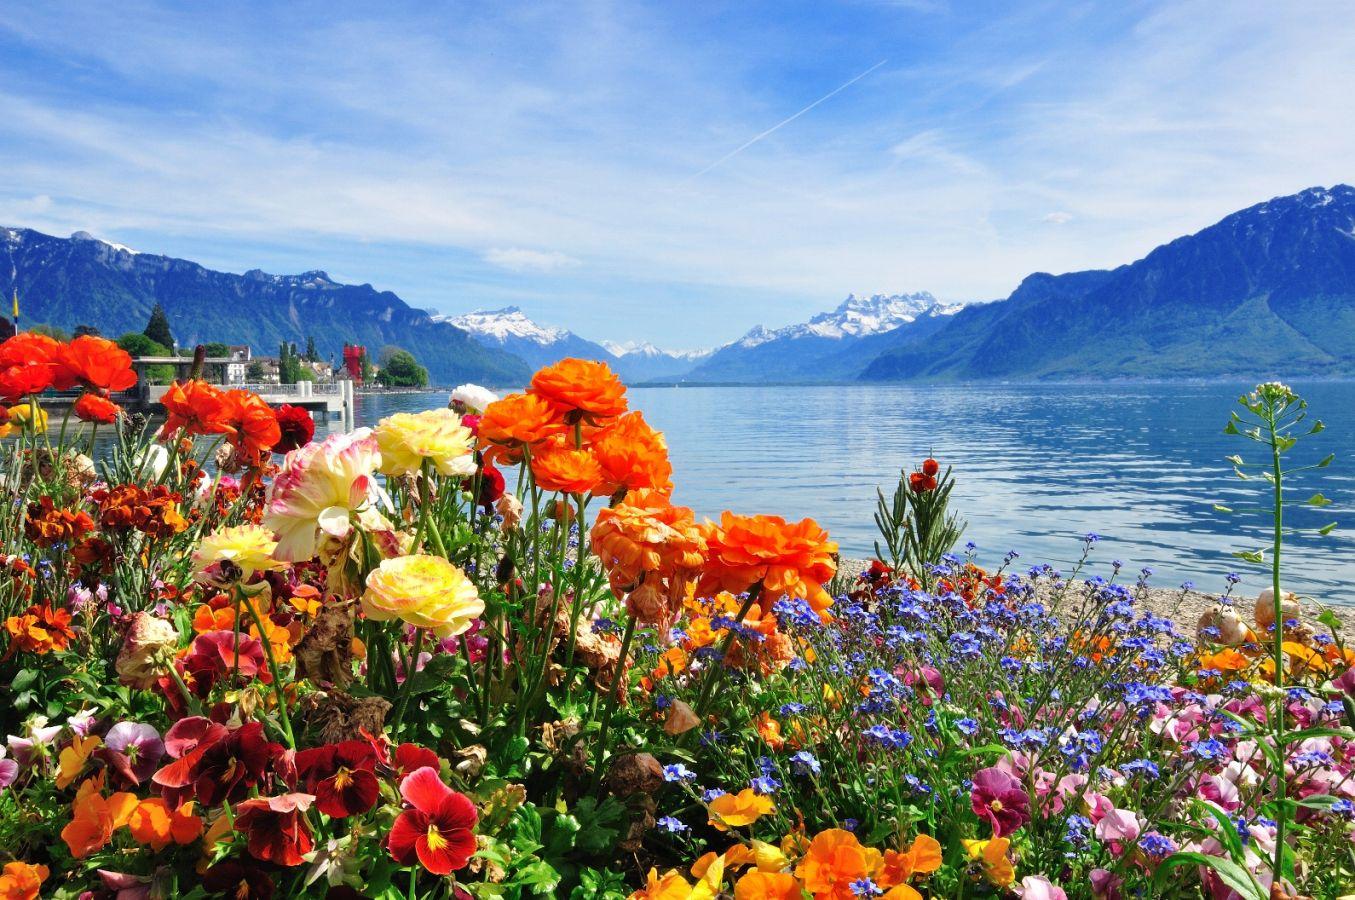 Šveicarija - Monblanas - Šiaurės Italijos ežerai